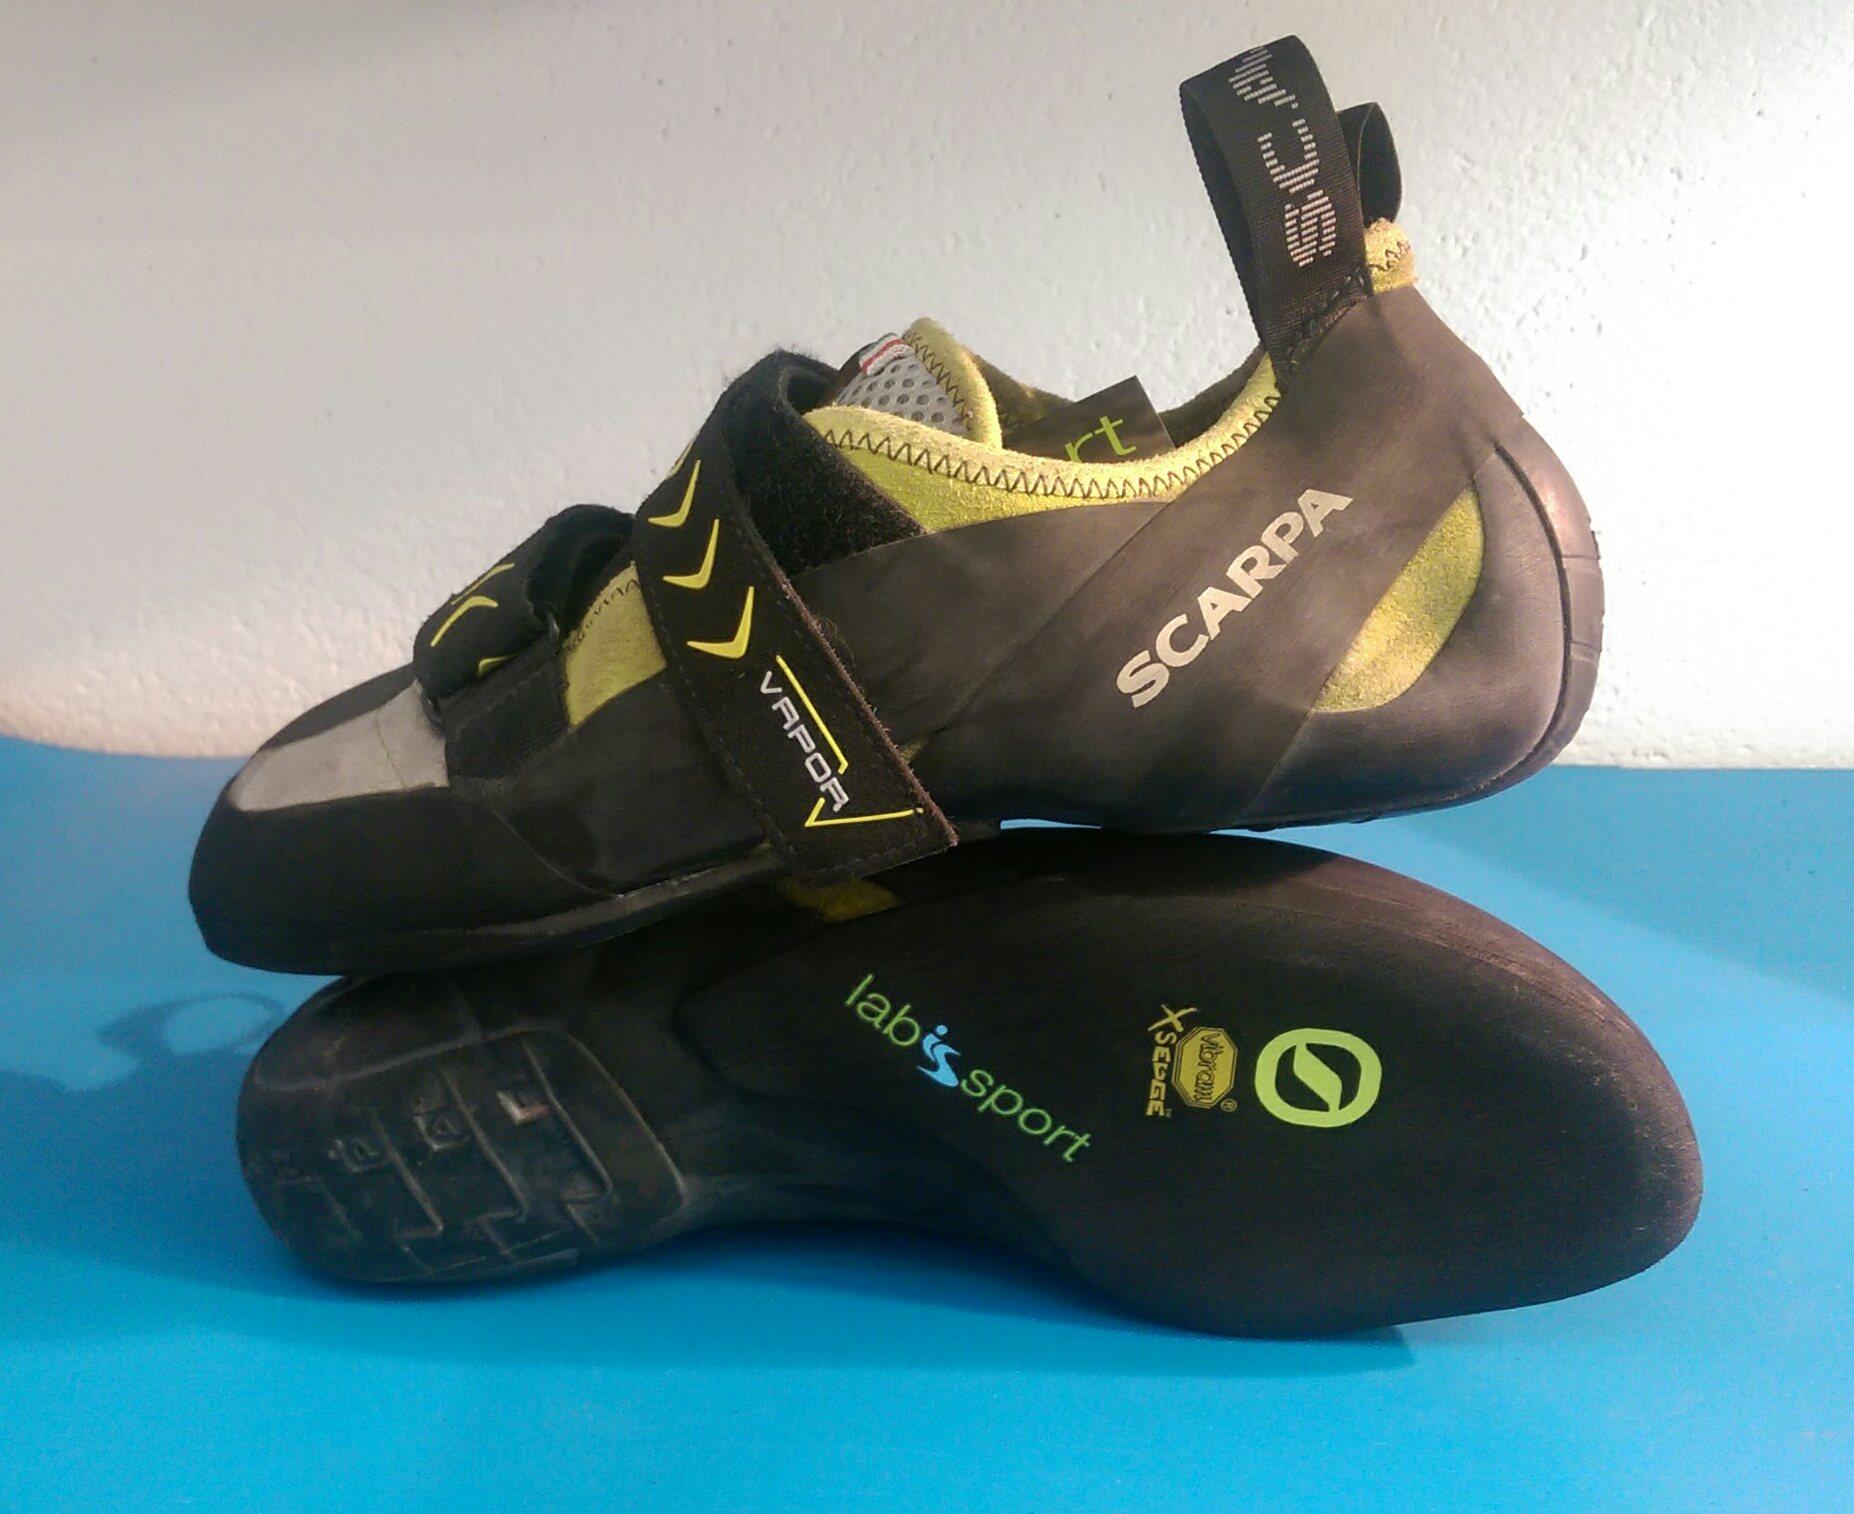 9e3364cf684ff Risuolatura scarpette – Lab is Sport